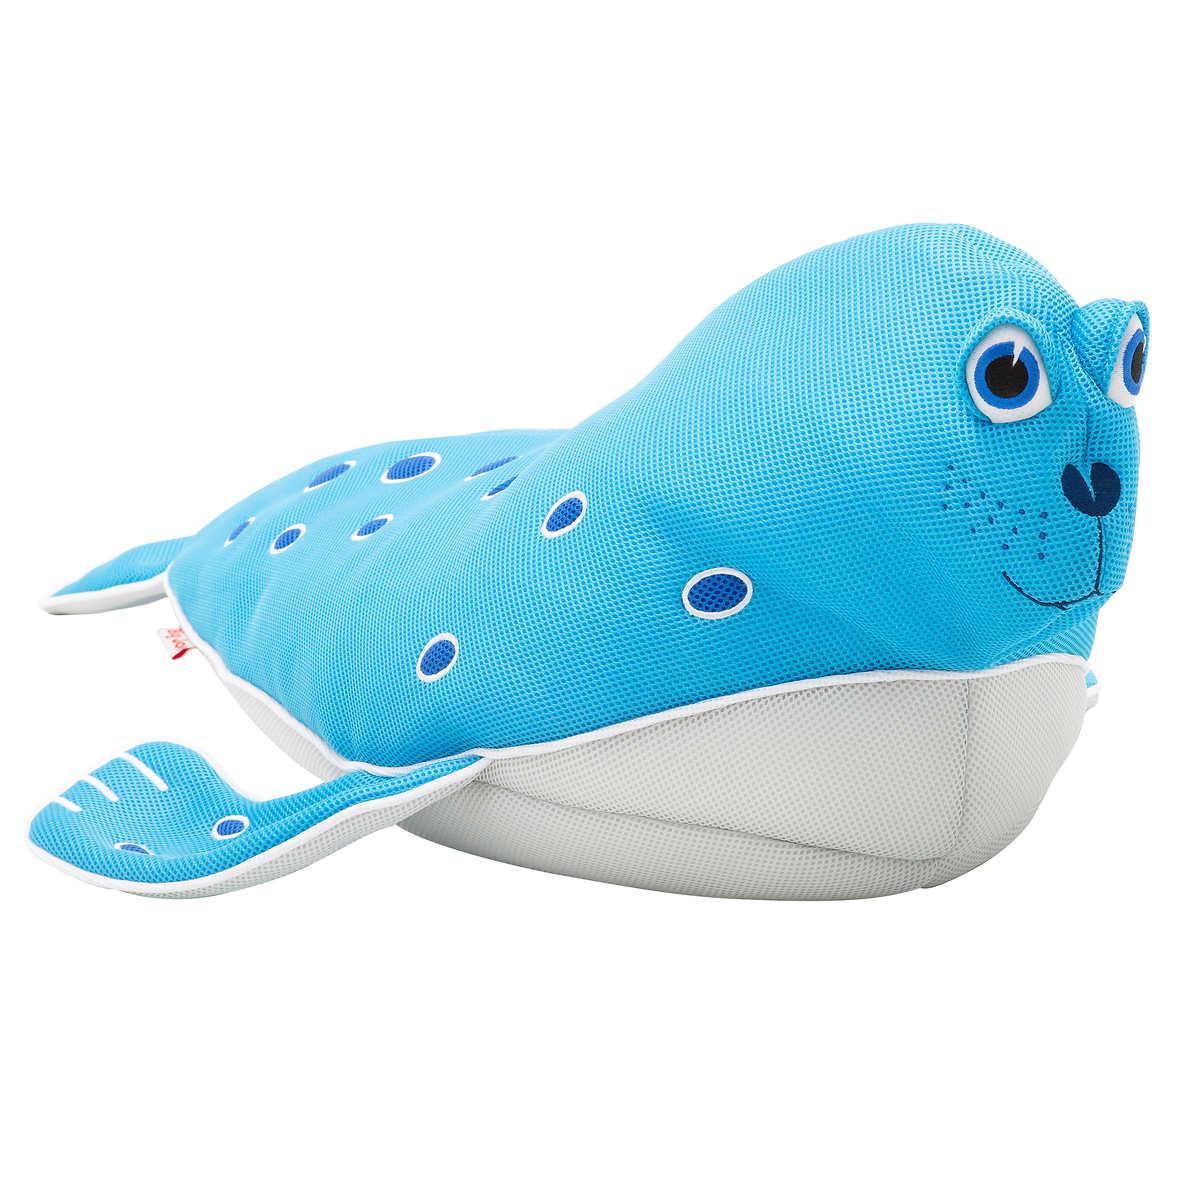 New Big Joe Pool Pets Floating Toy Bjpp Uncle Wiener S